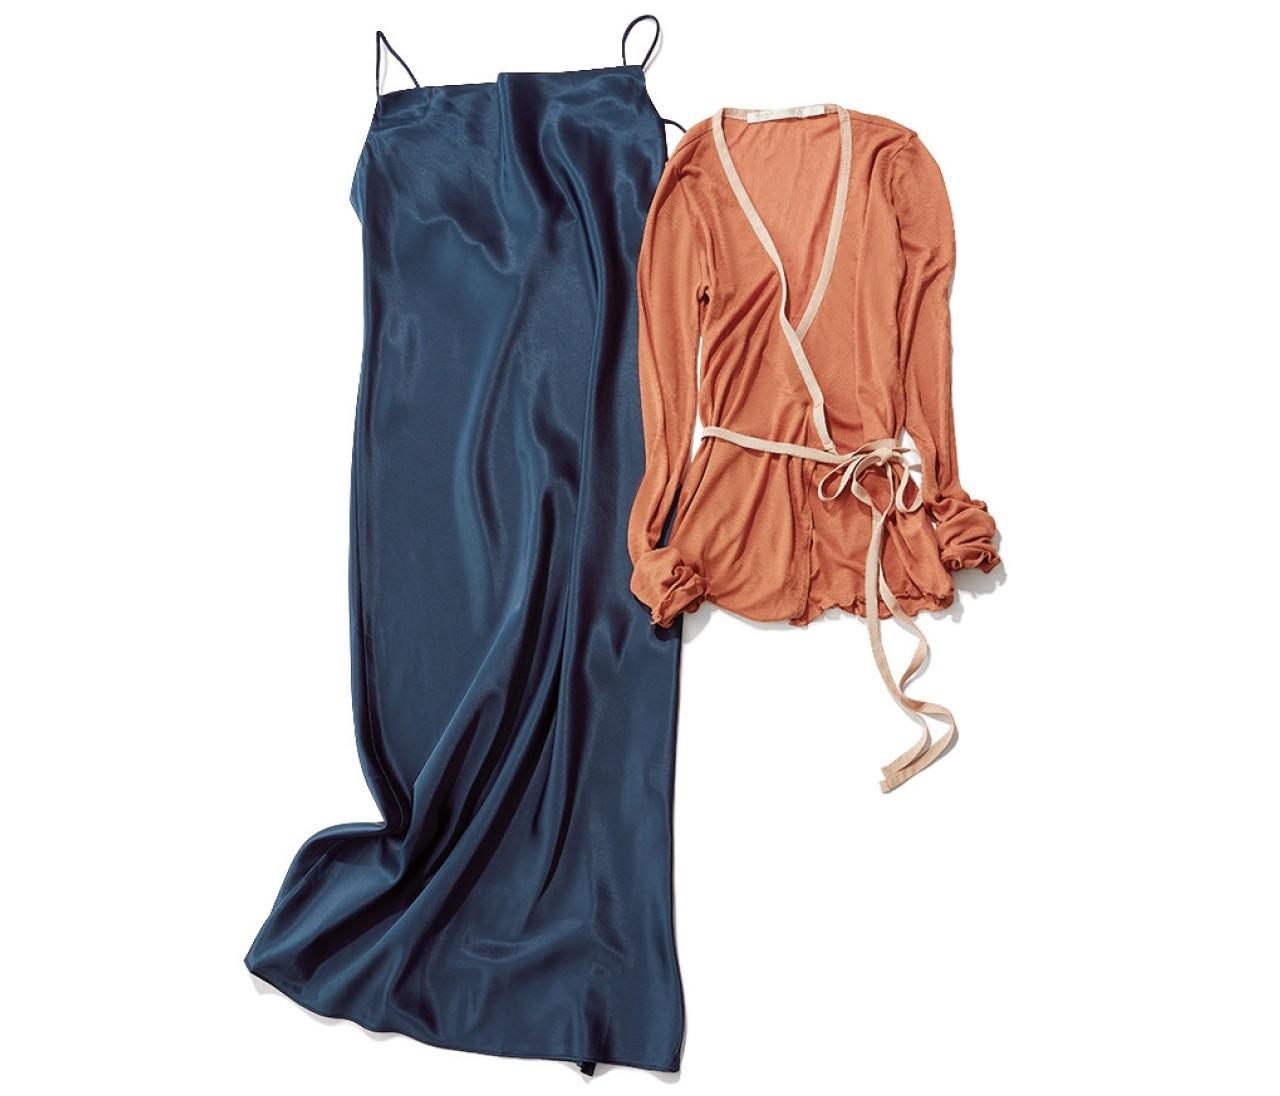 【30代女子の夏ファッションQ&A】ラクでおしゃれなおうち時間ファッションとは?